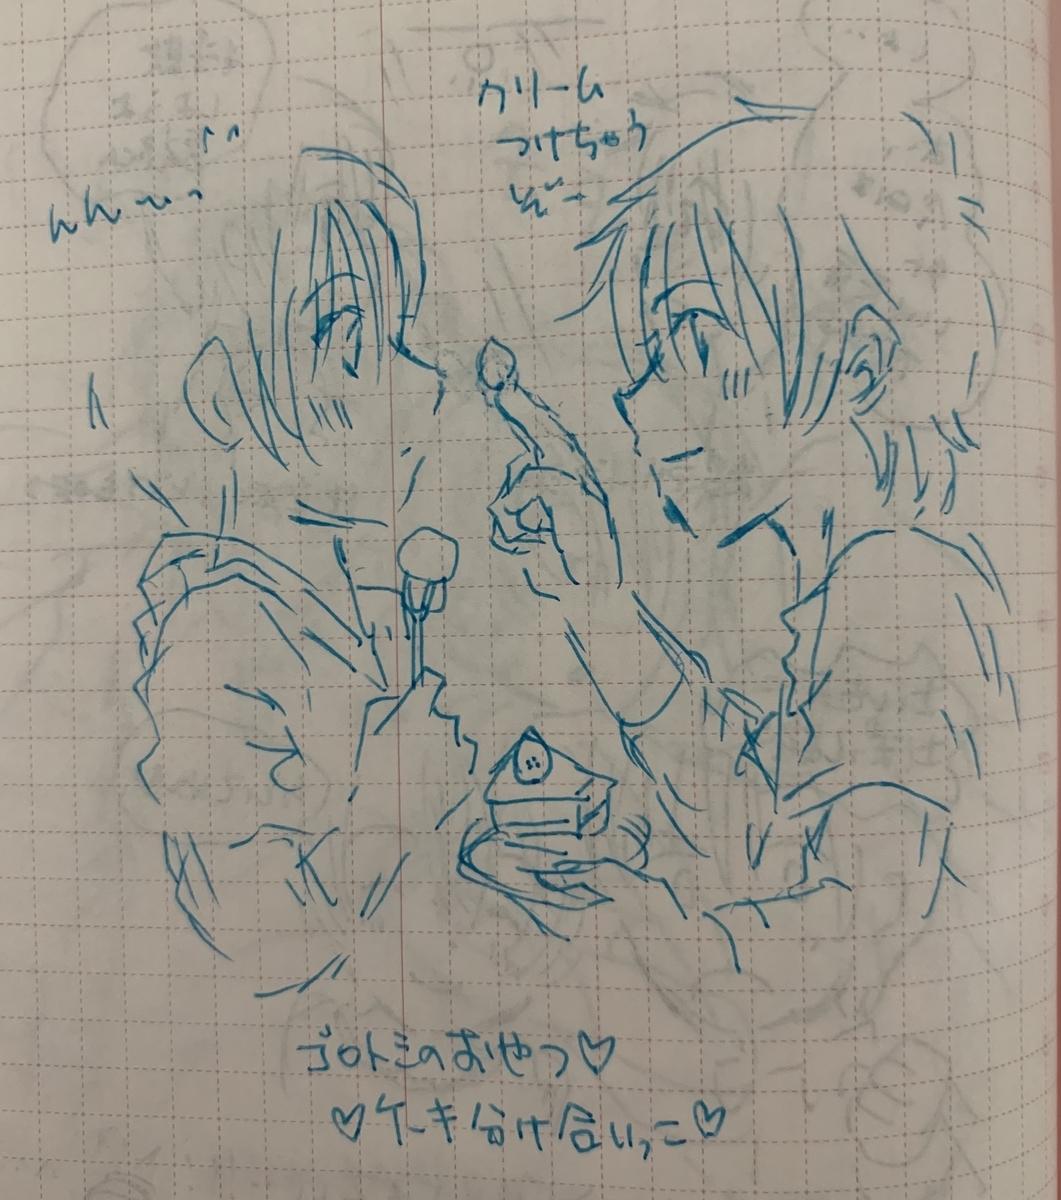 f:id:hiromin999:20190414200525j:plain